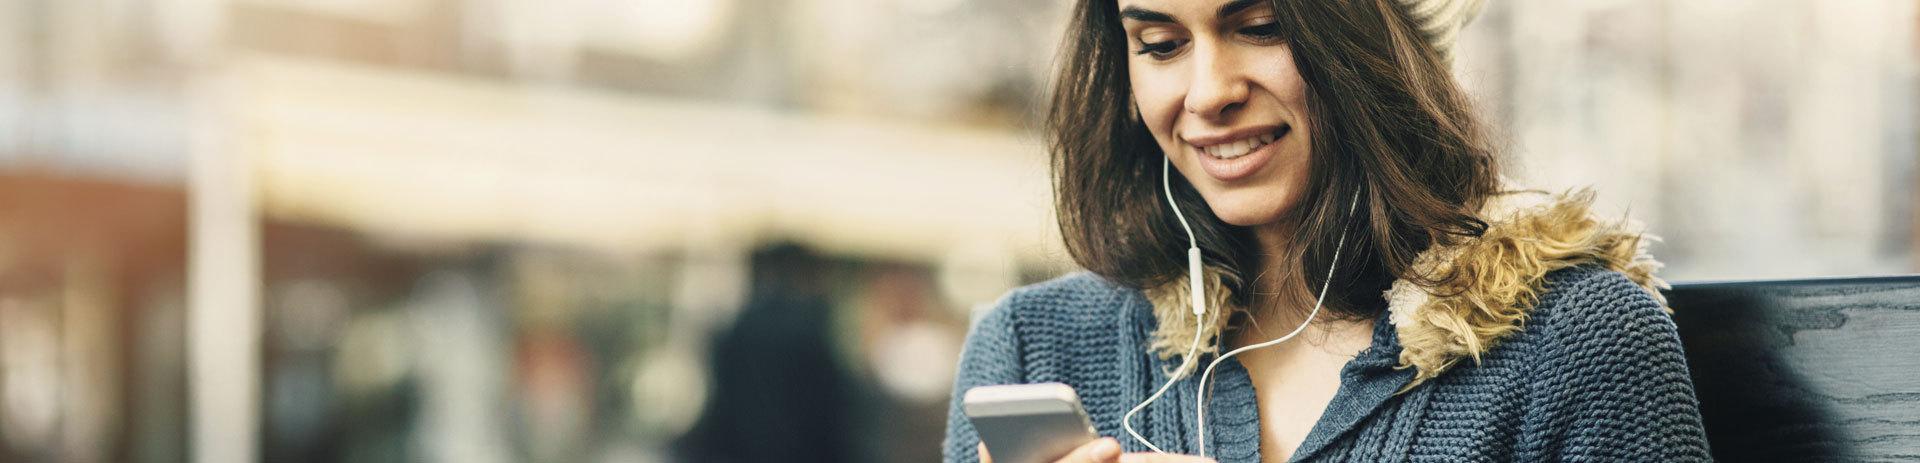 Junge Frau mit Handy und Kopfhörern